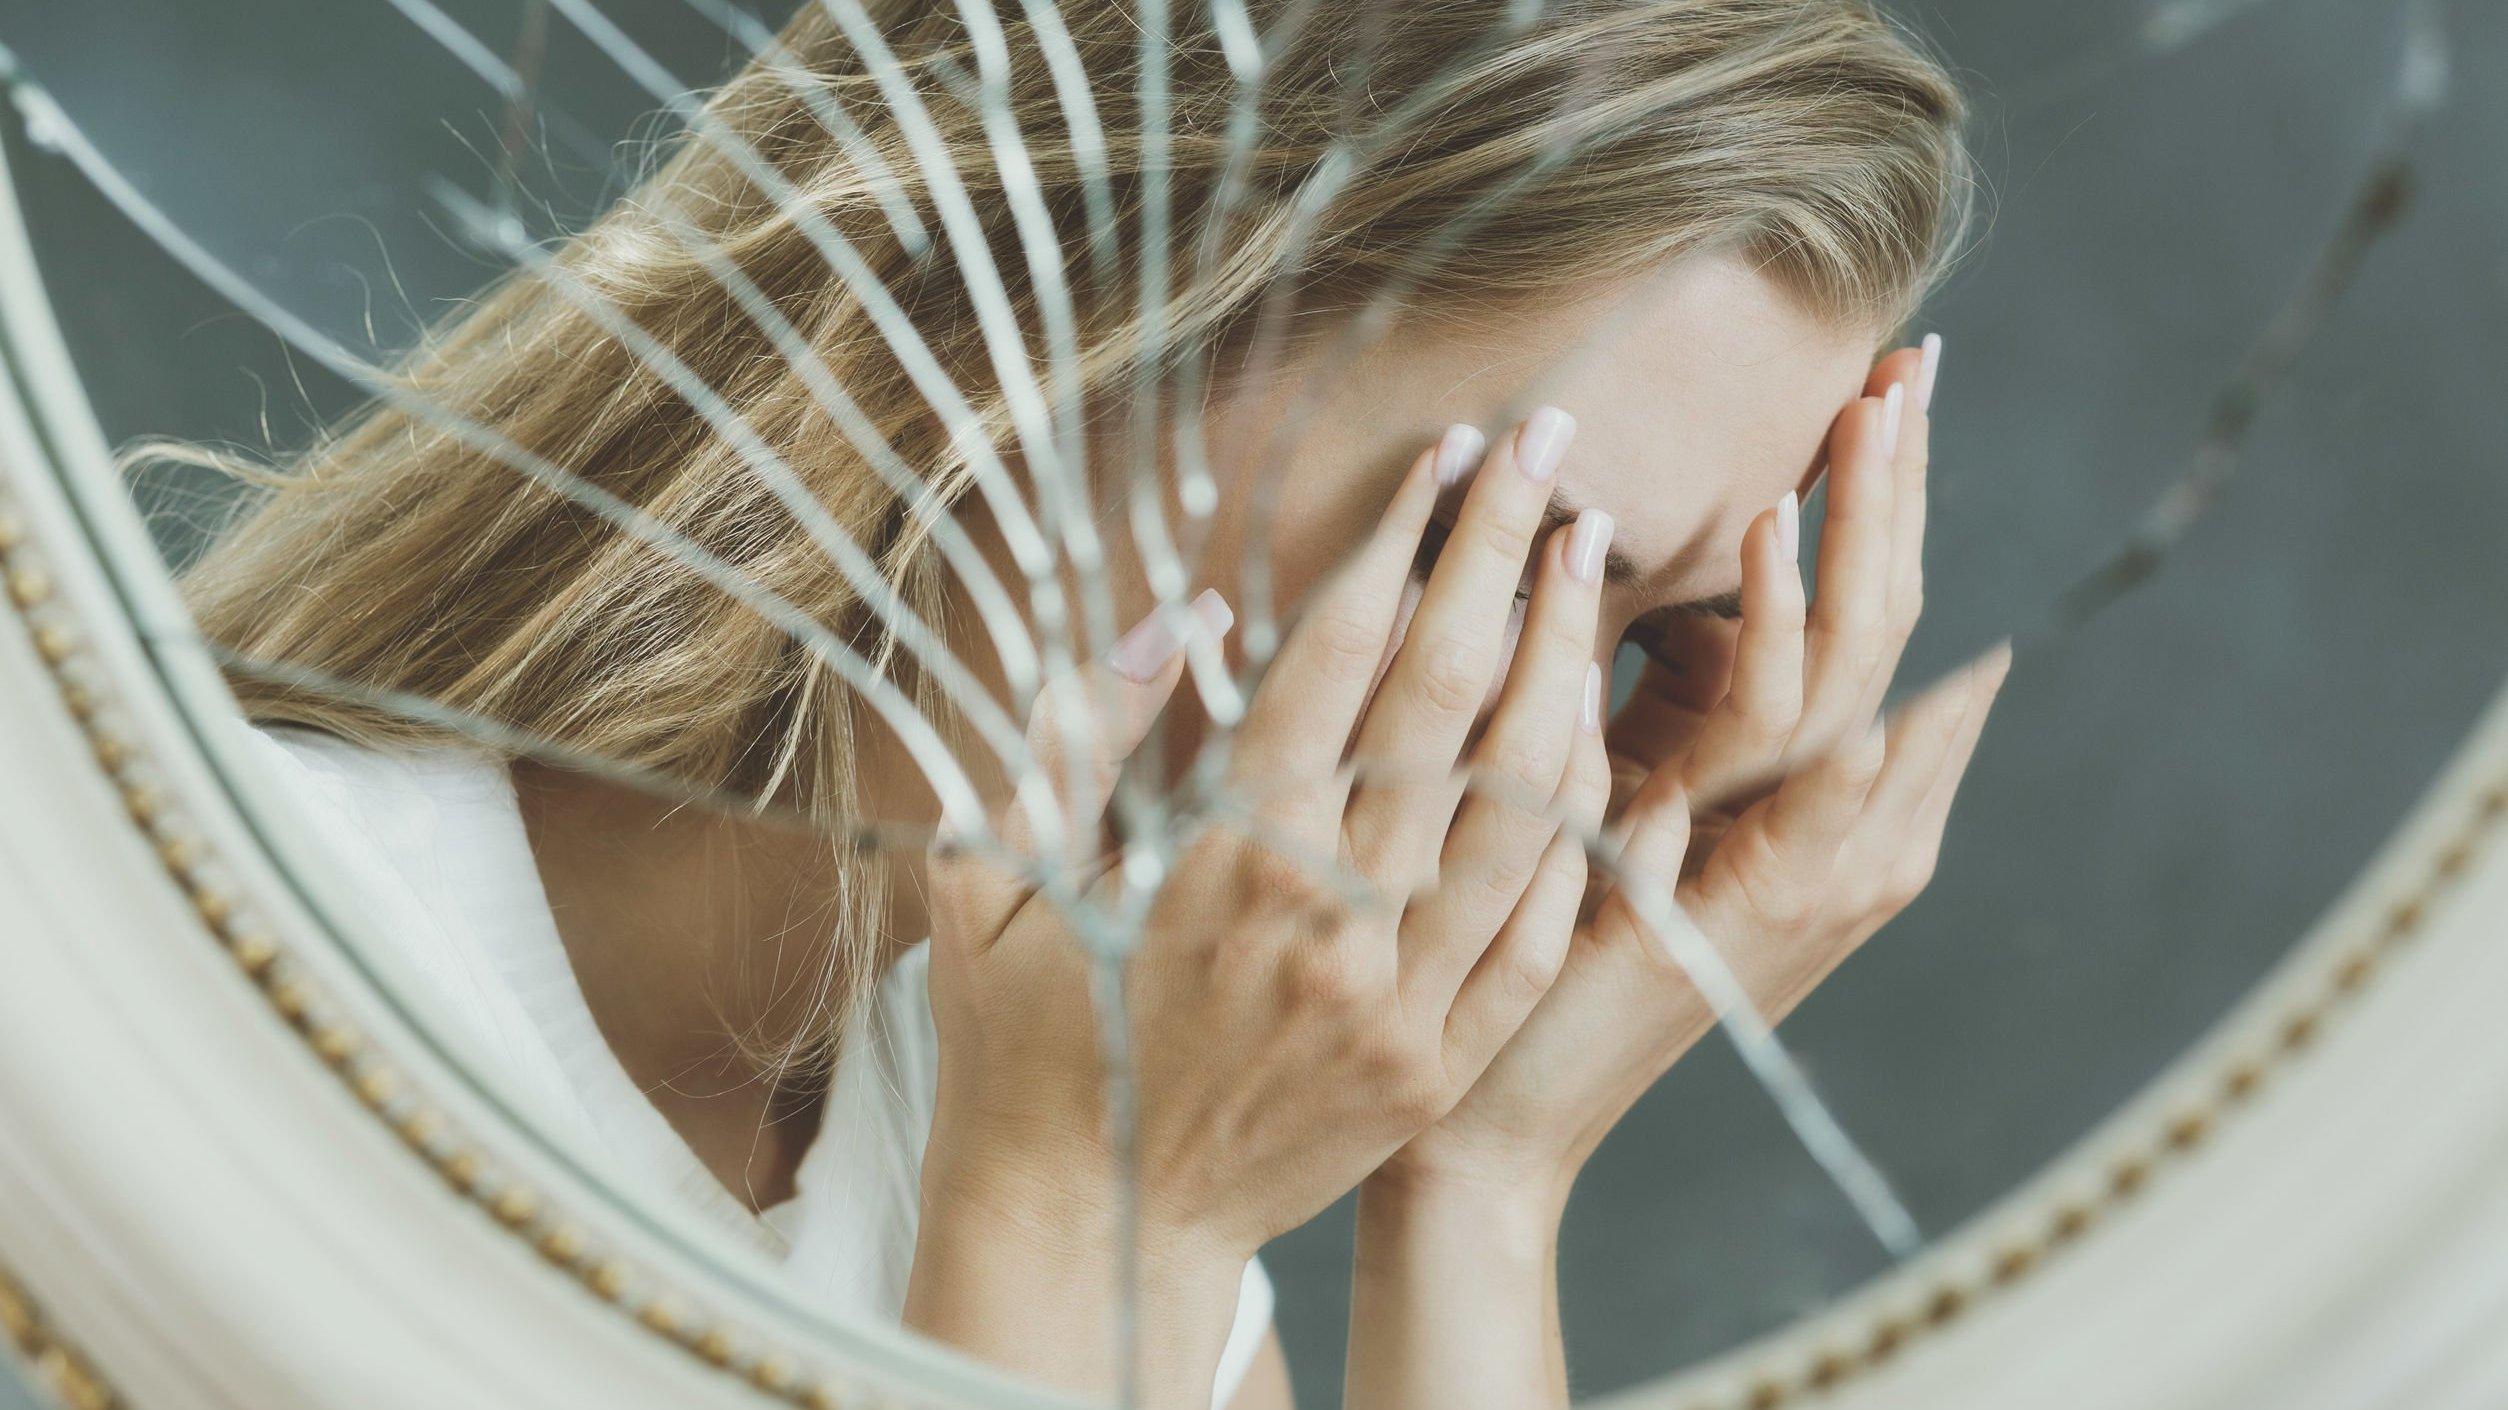 Reflexo em espelho quebrado de mulher cobrindo o rosto com as mãos